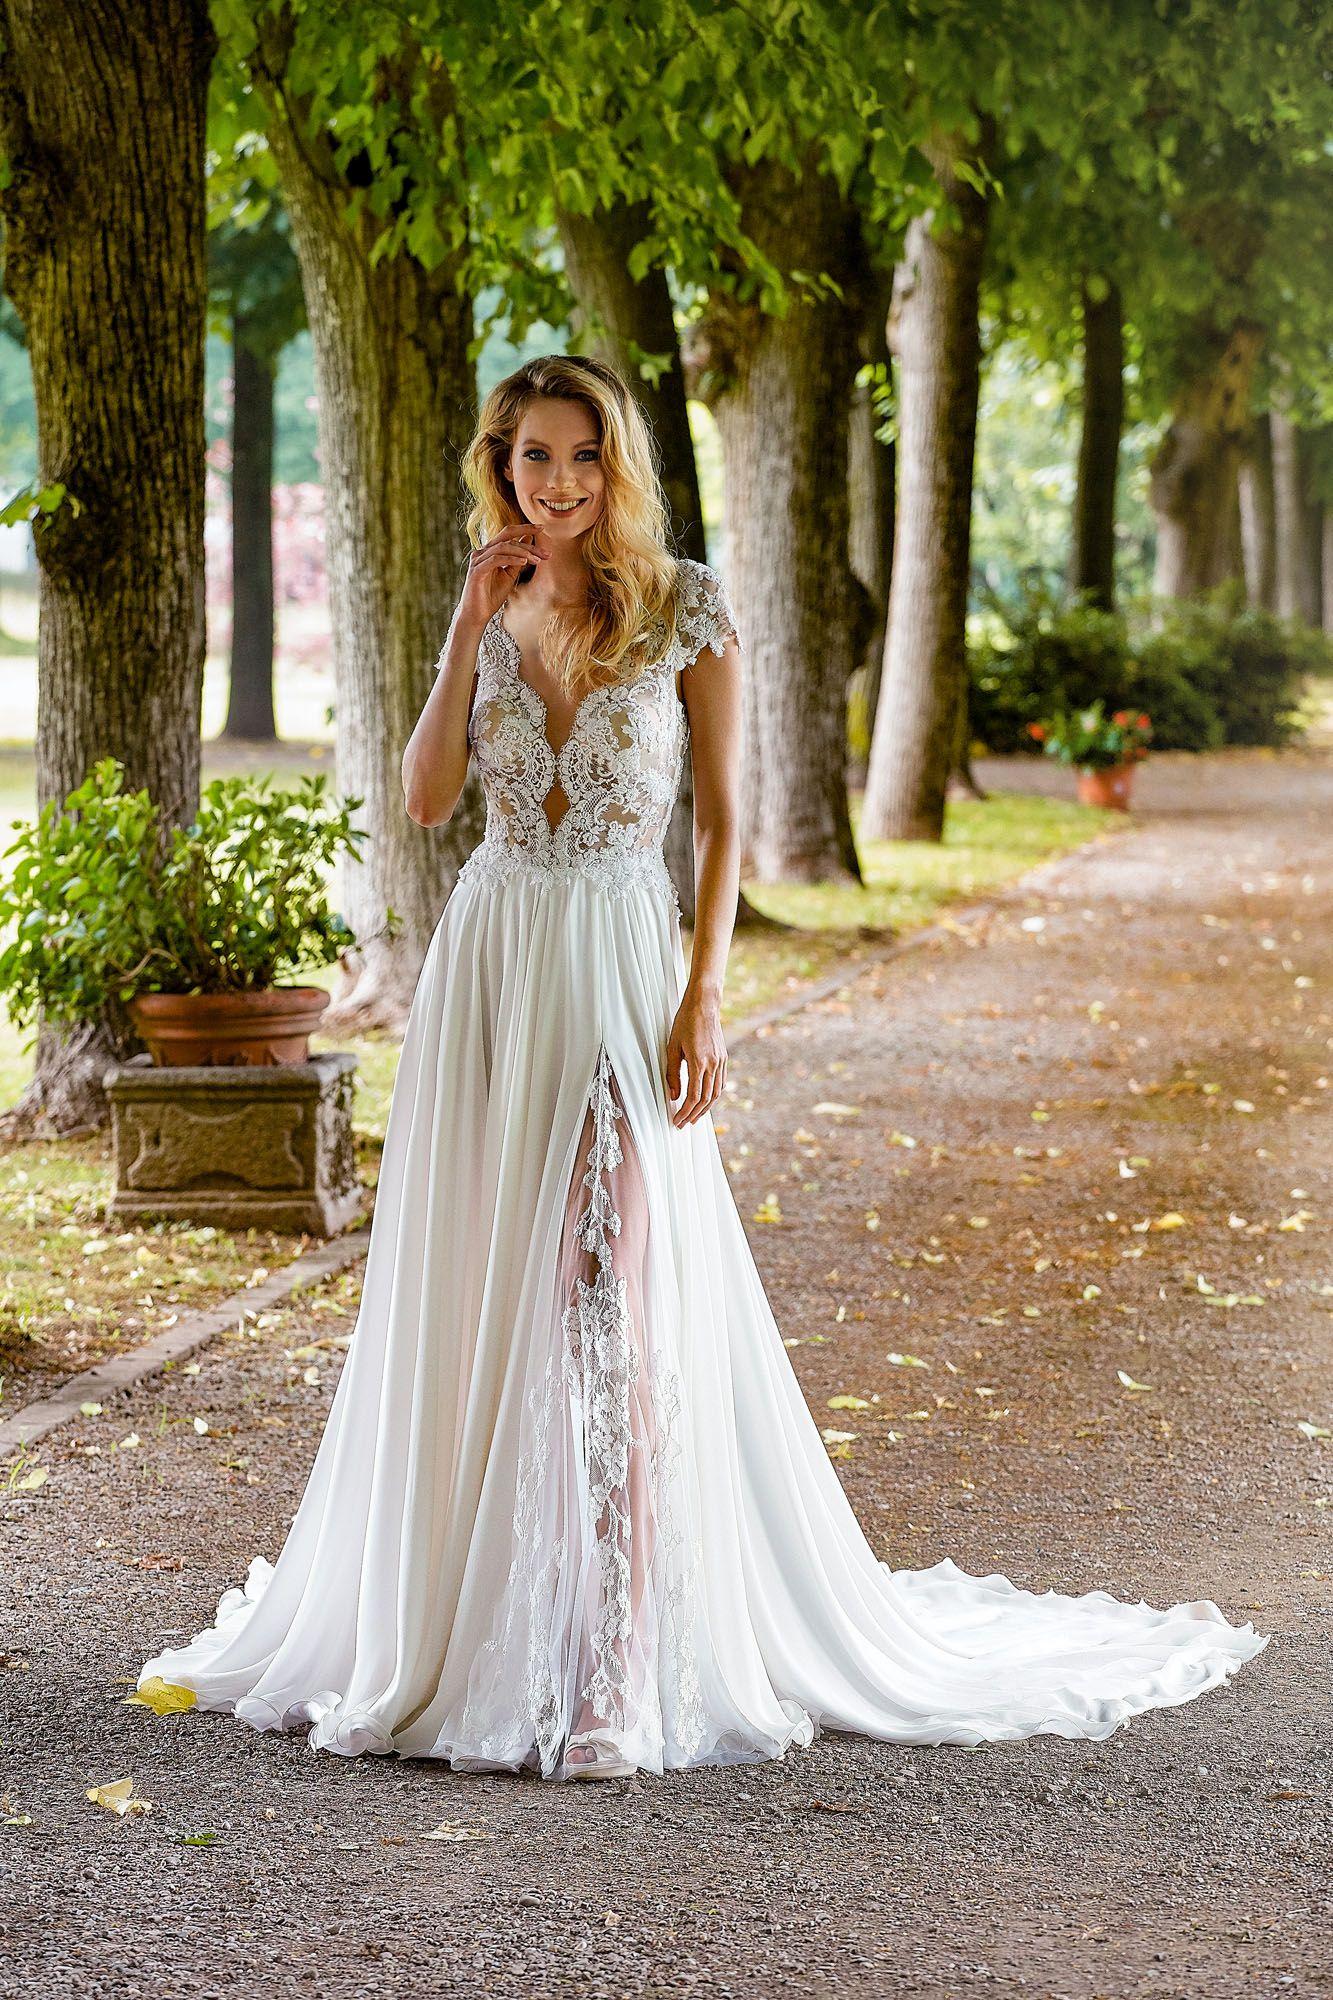 e5711e5dd126 MODELLO 1824 Bellissimo abito da sposa scivolato con bustino in pizzo  francese ad effetto nudo e